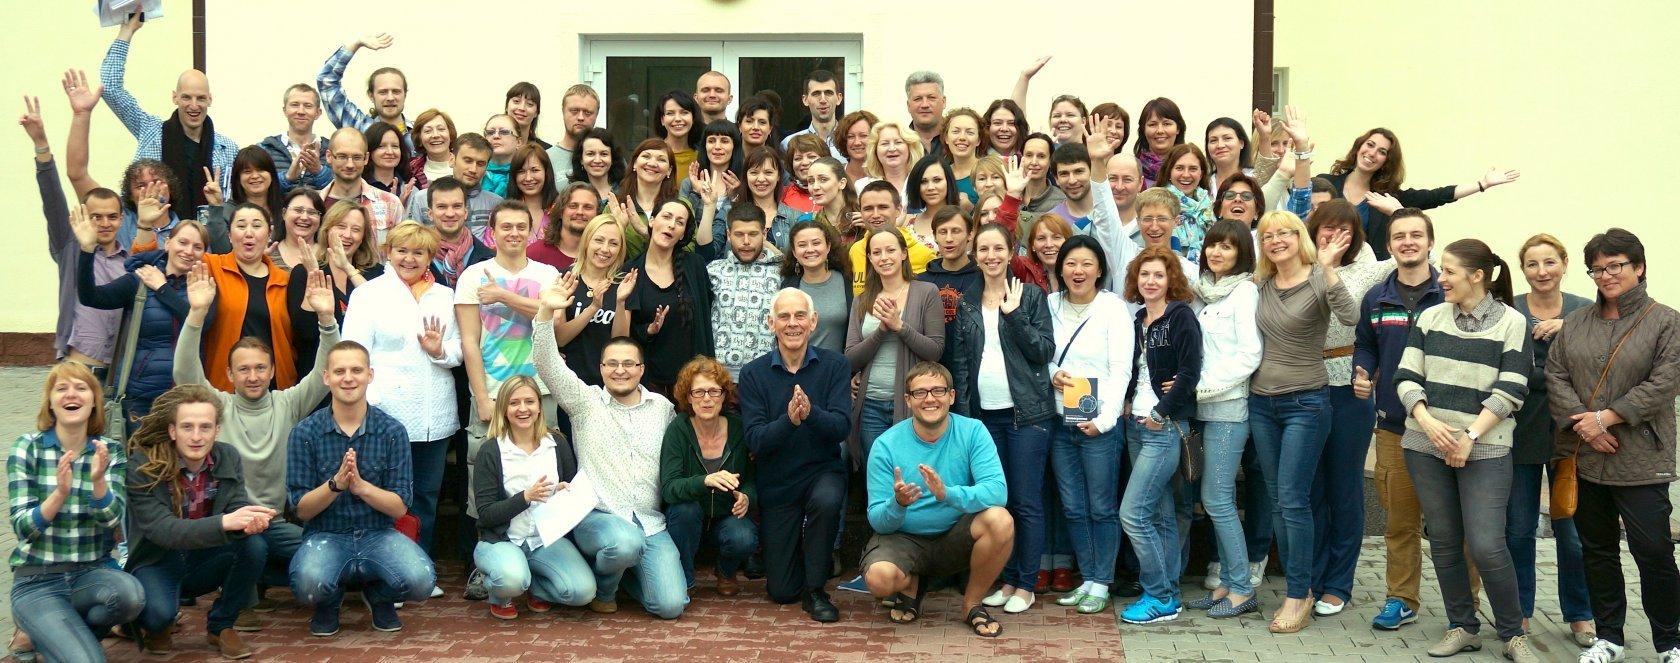 Наш первый Международный Интенсив ICTA по коучингу, Эннеаграмме, НЛП, тренерству: июнь 2014